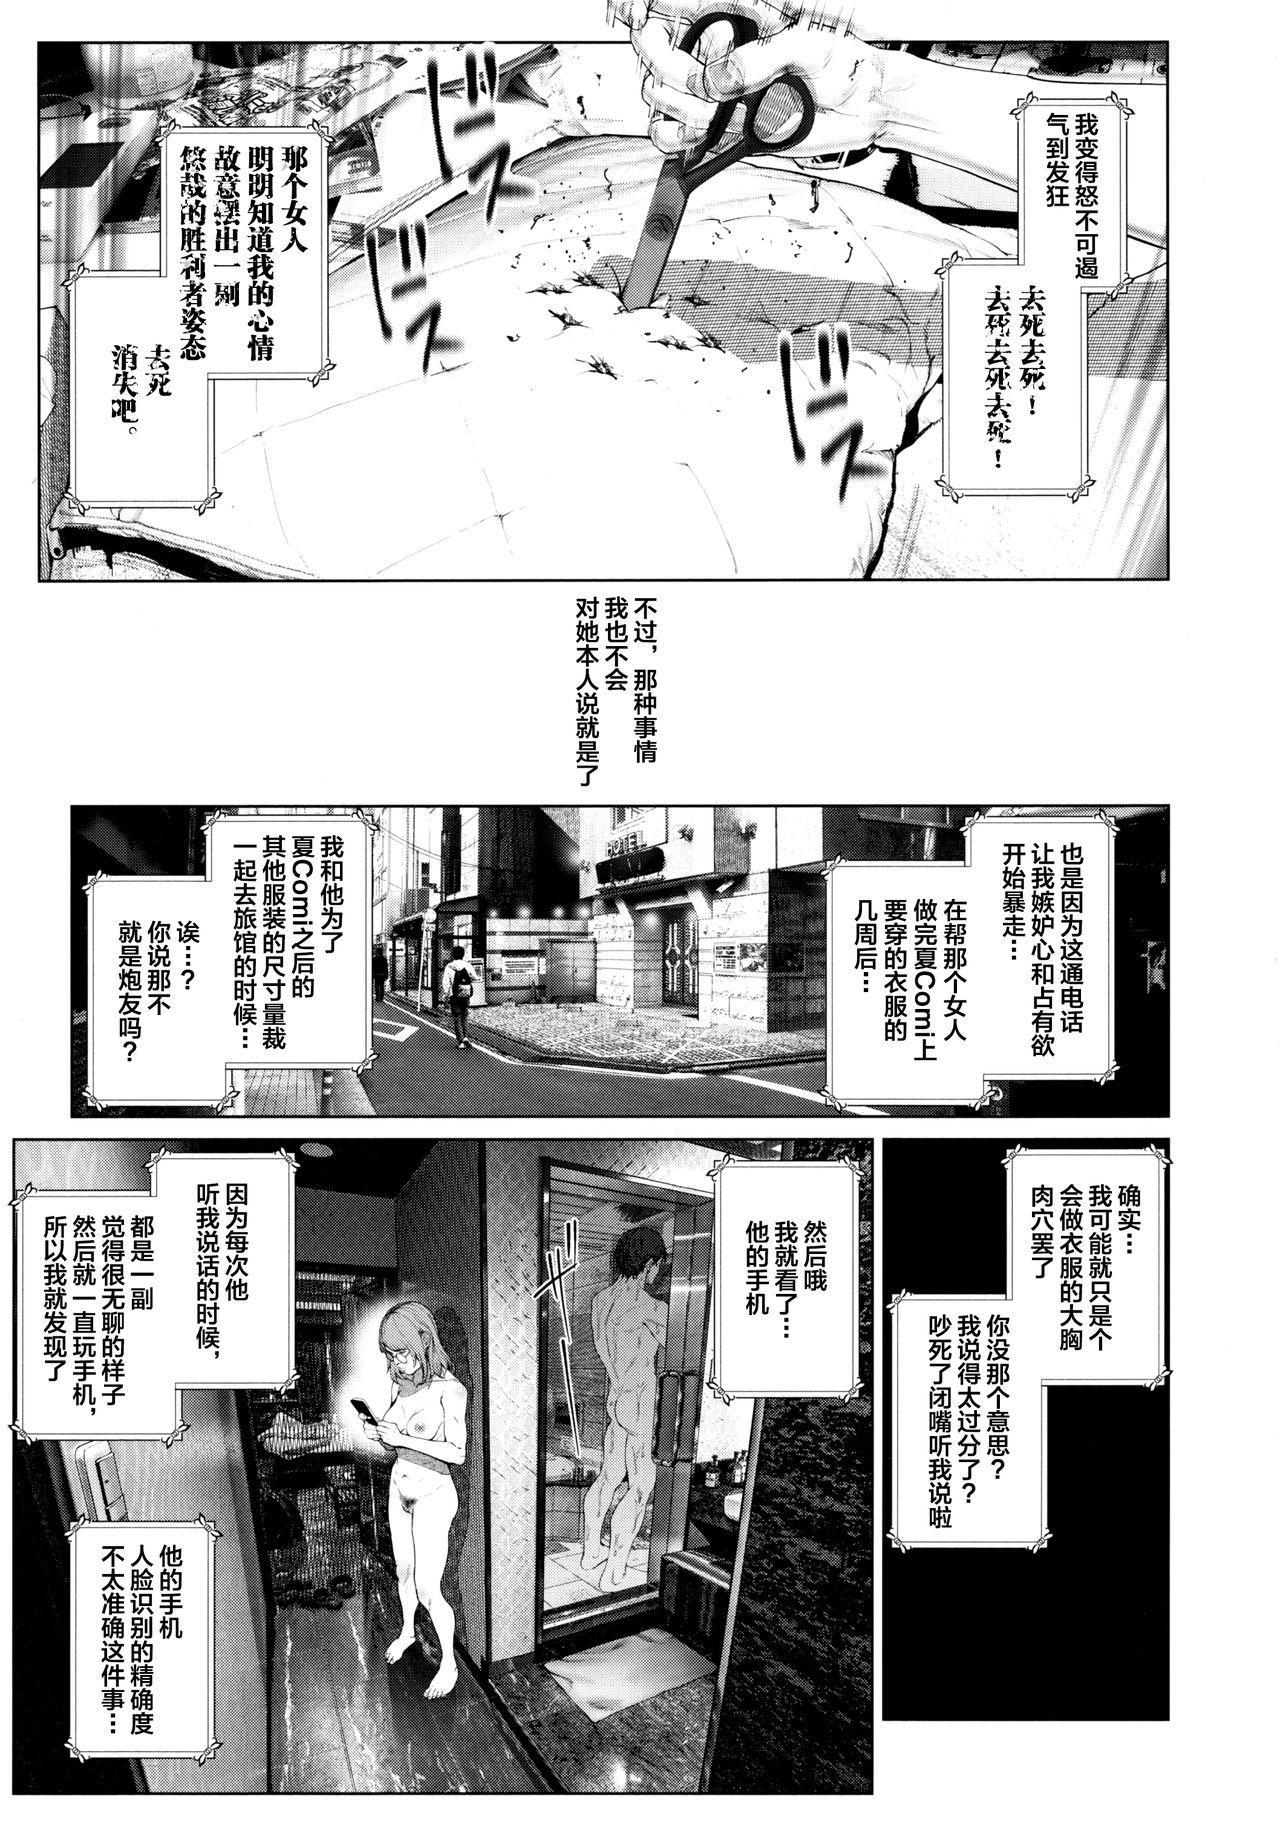 Cos wa Midara na Kamen Ninki Ikemen Layer no SeFri Ken Ishou Seisaku Tantou no Zoukei Layer wa Honmei Kanojo no Yume o Miru ka 19